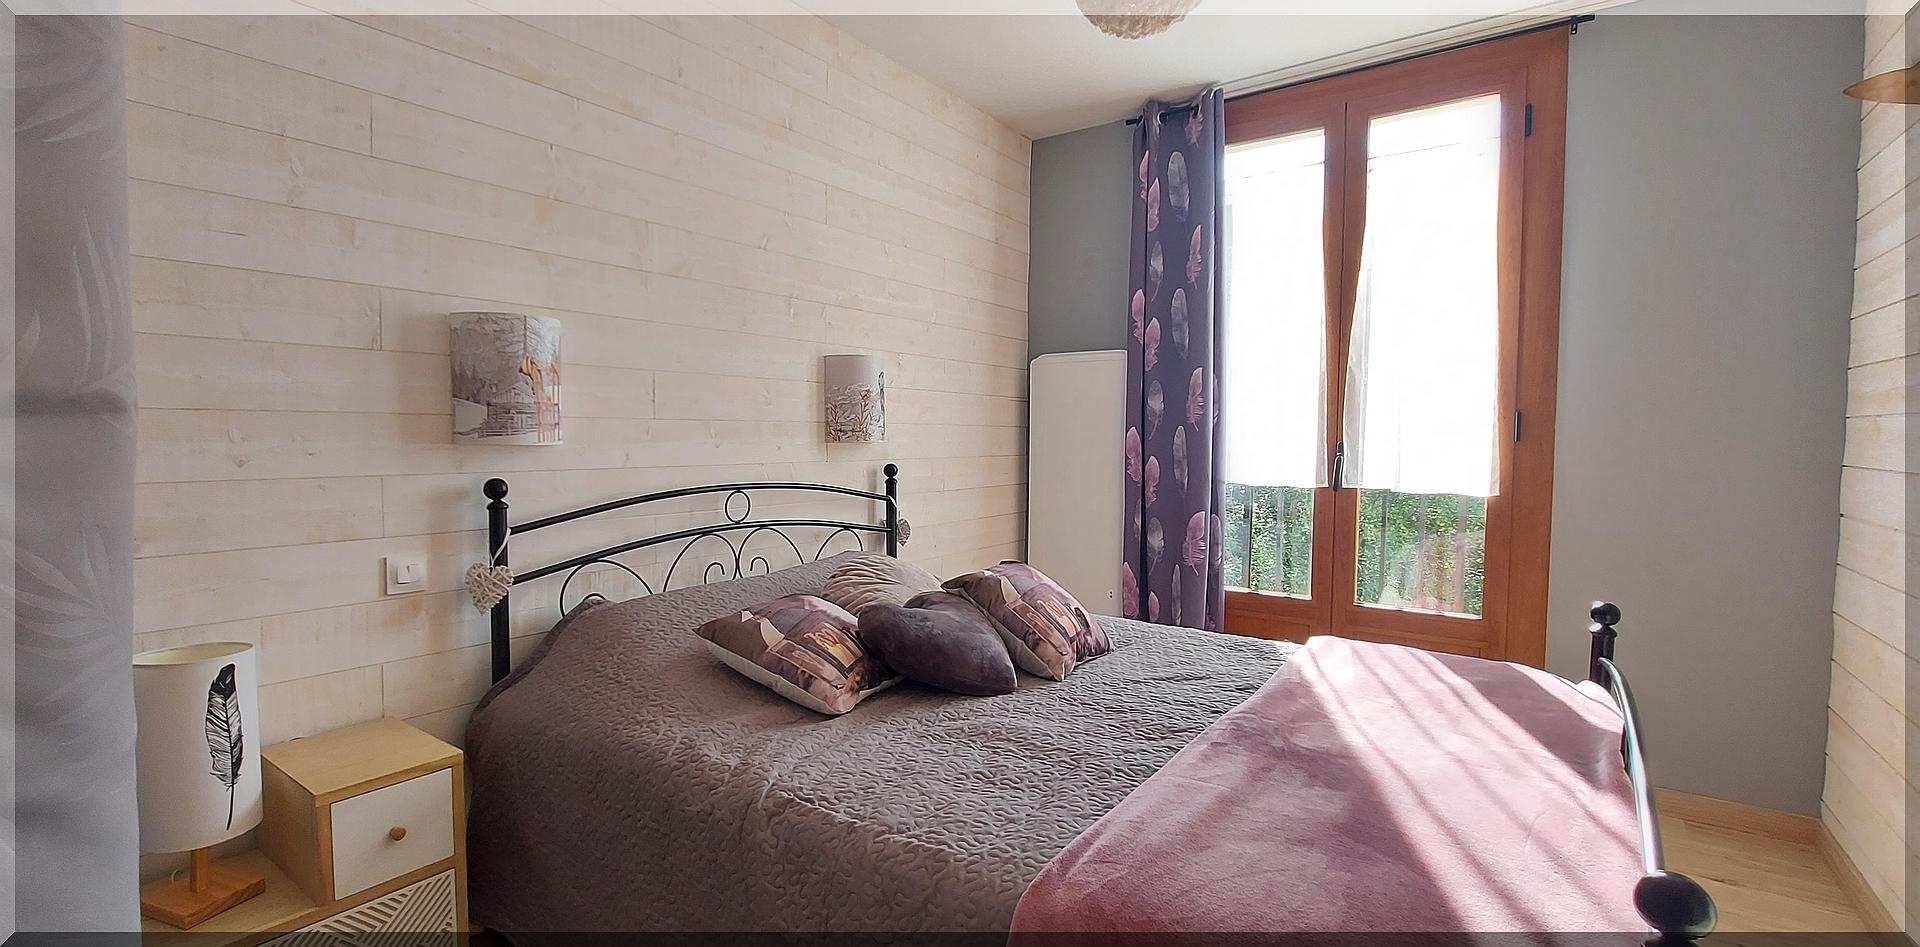 Chambre avec joli panorama sur la chaîne de montagne